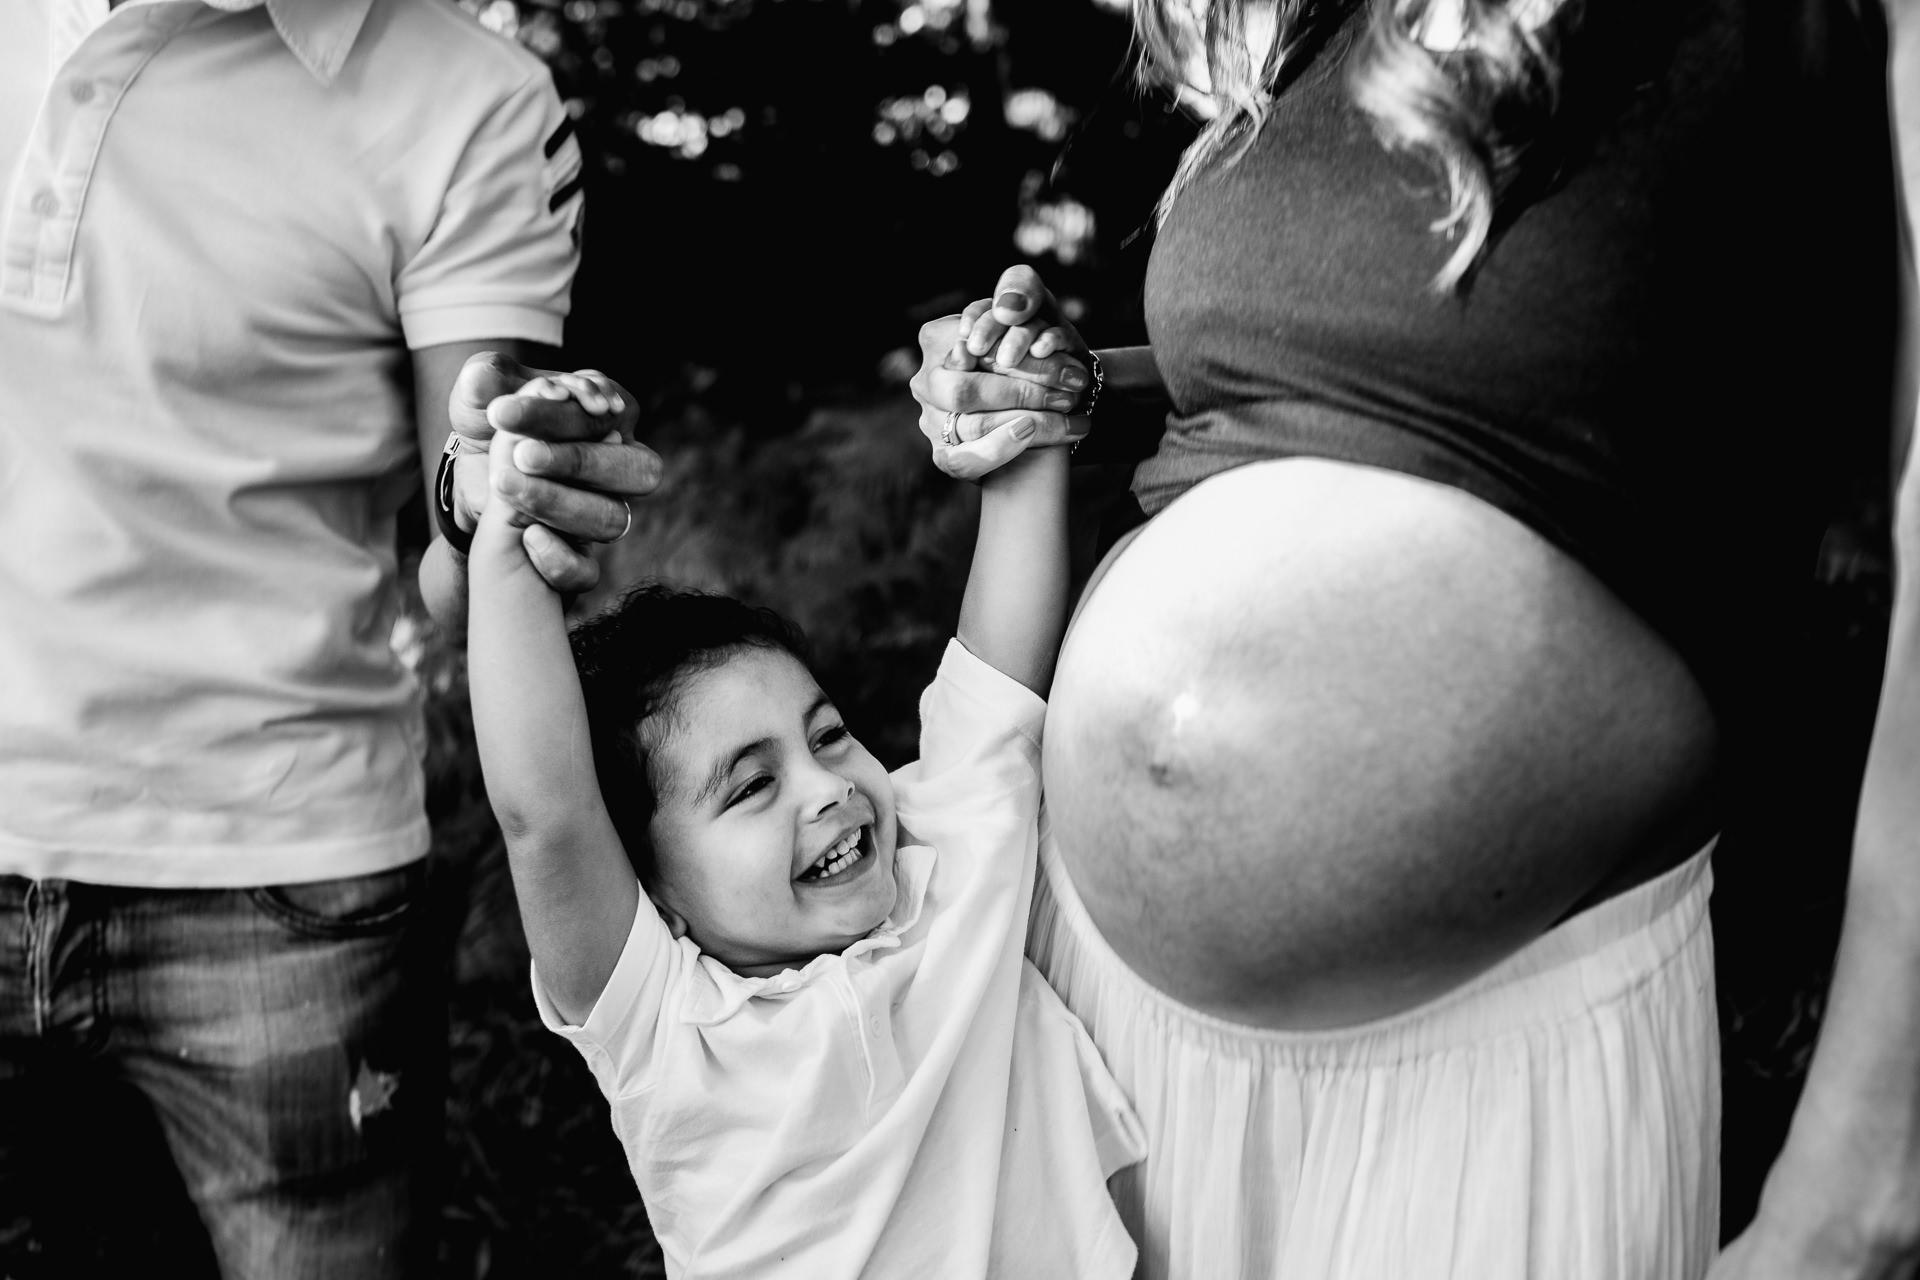 sesion de fotos de embarazo en barcelona